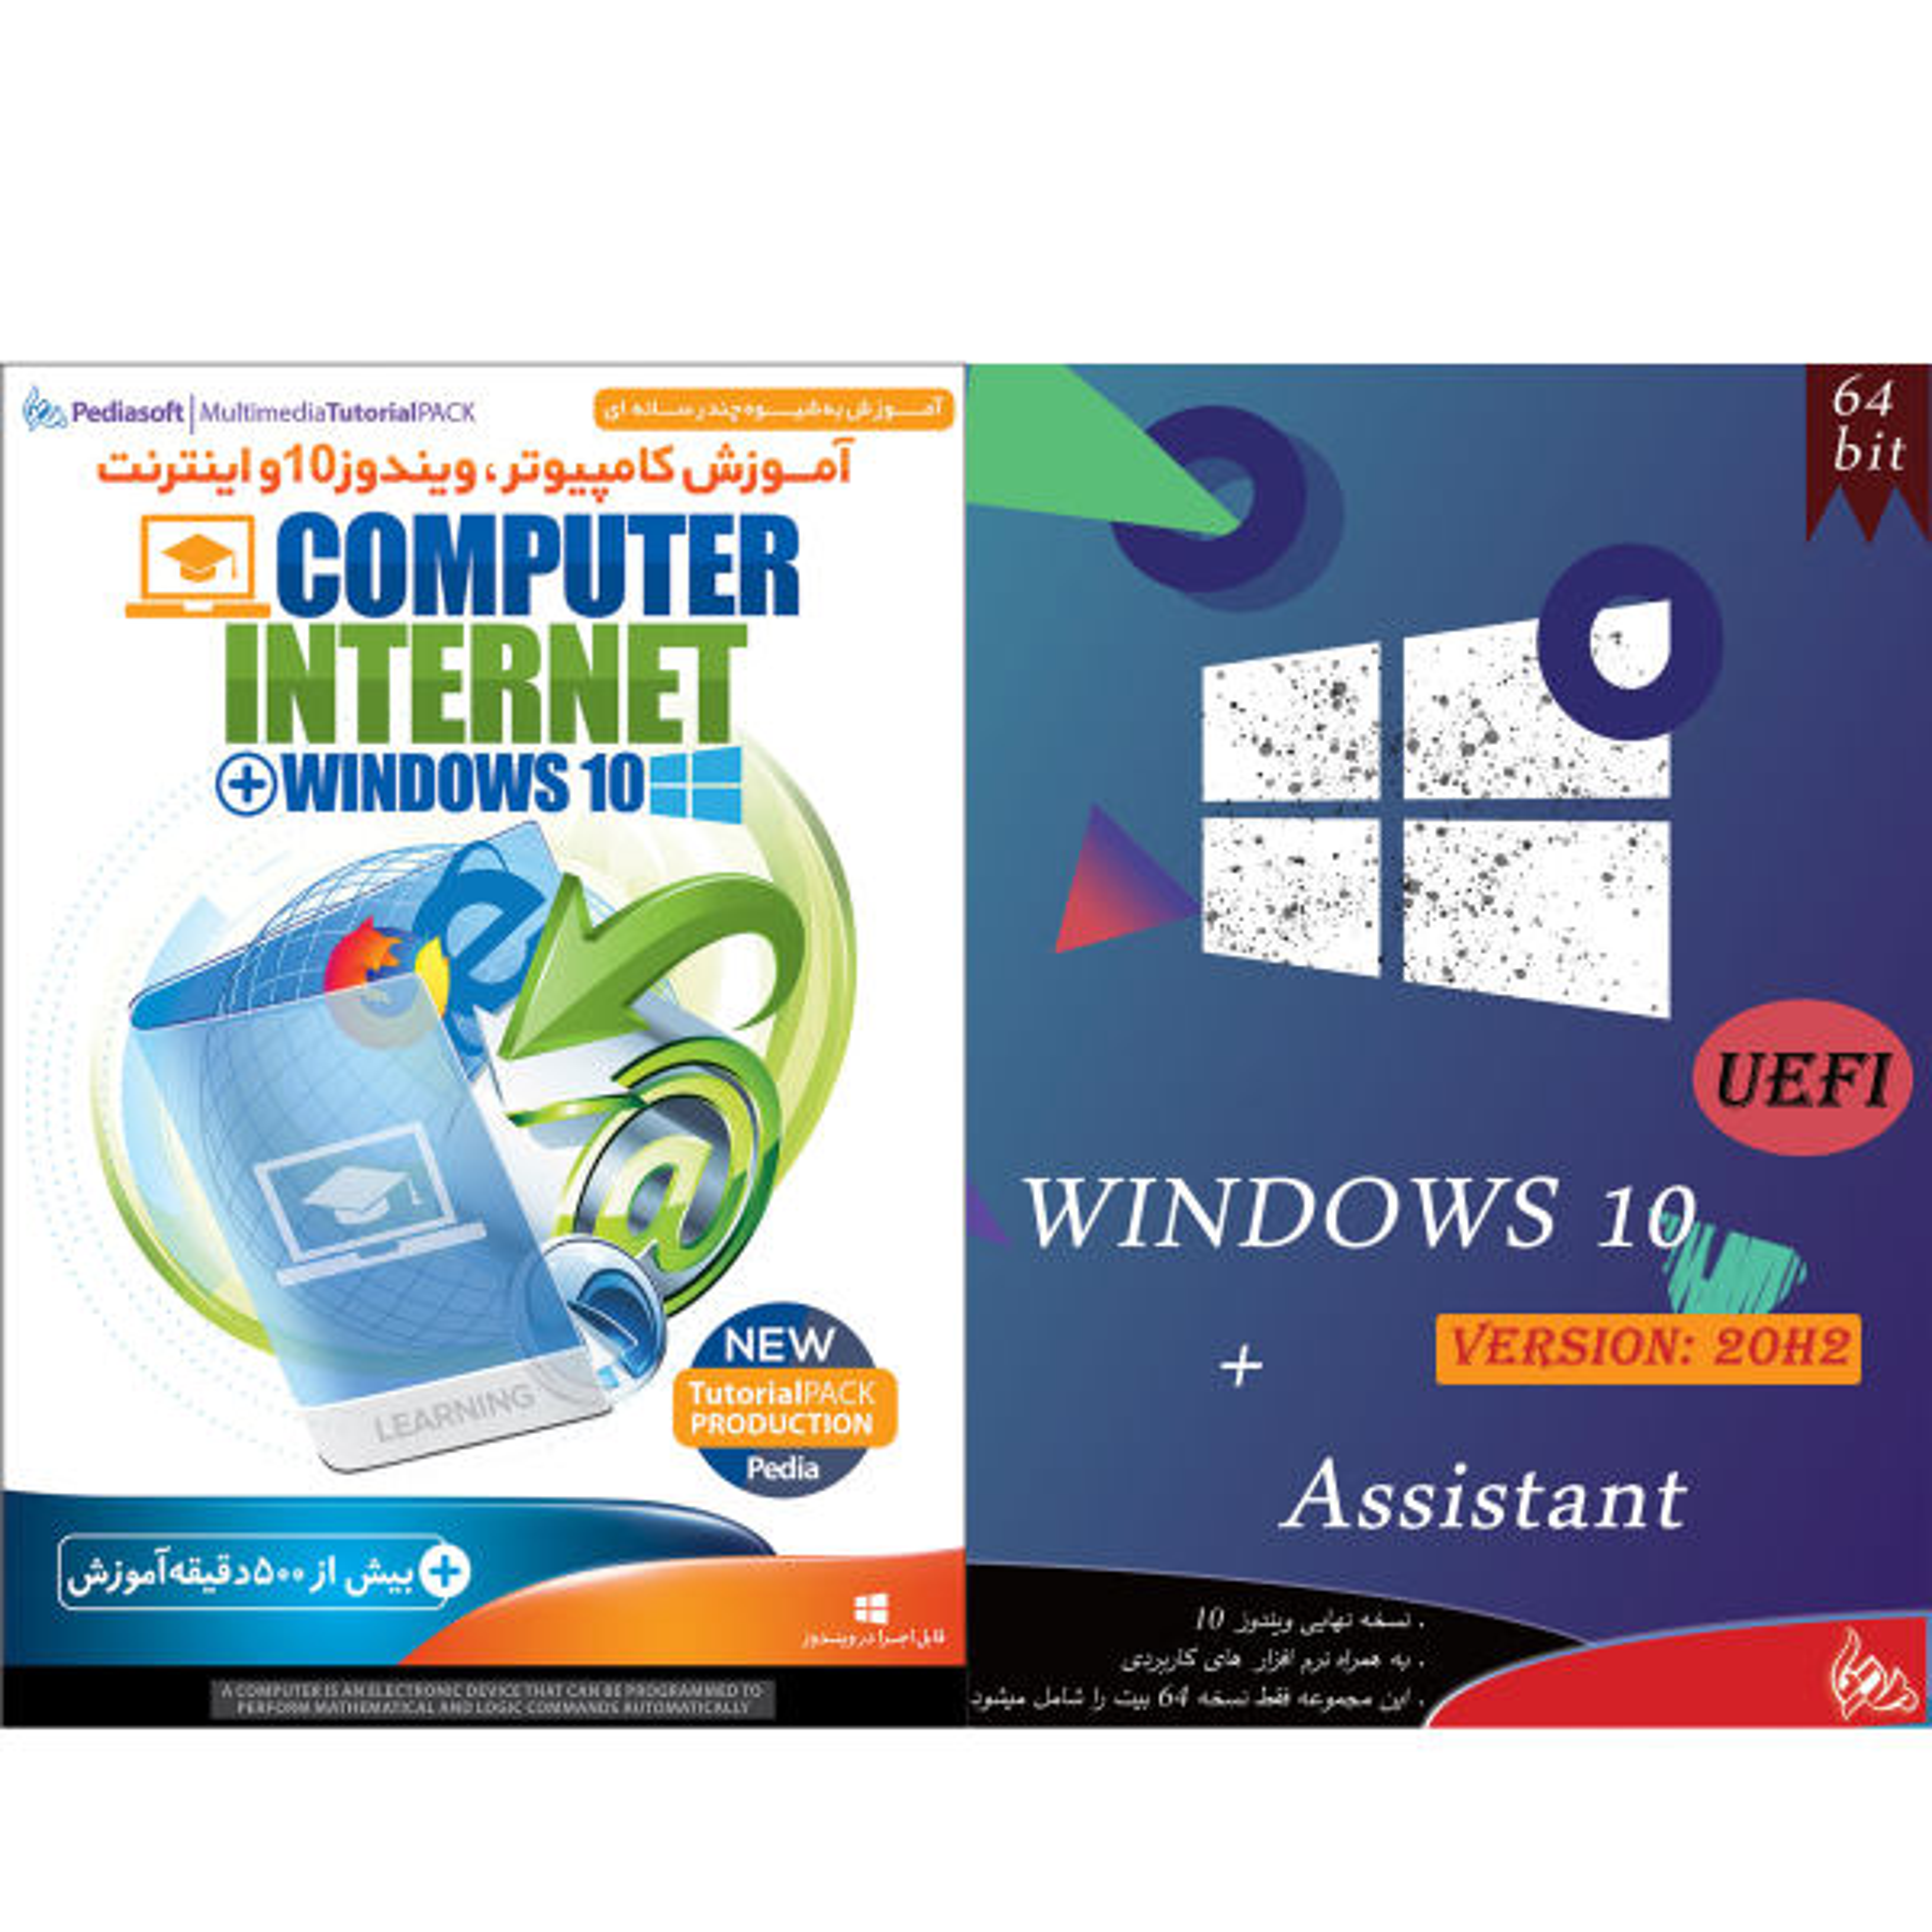 نرم افزار آموزش کامپیوتر ، ویندوز 10 و اینترنت نشر پدیا سافت به همراه سیستم عامل WINDOWS 10 + Assistant نشر پدیا